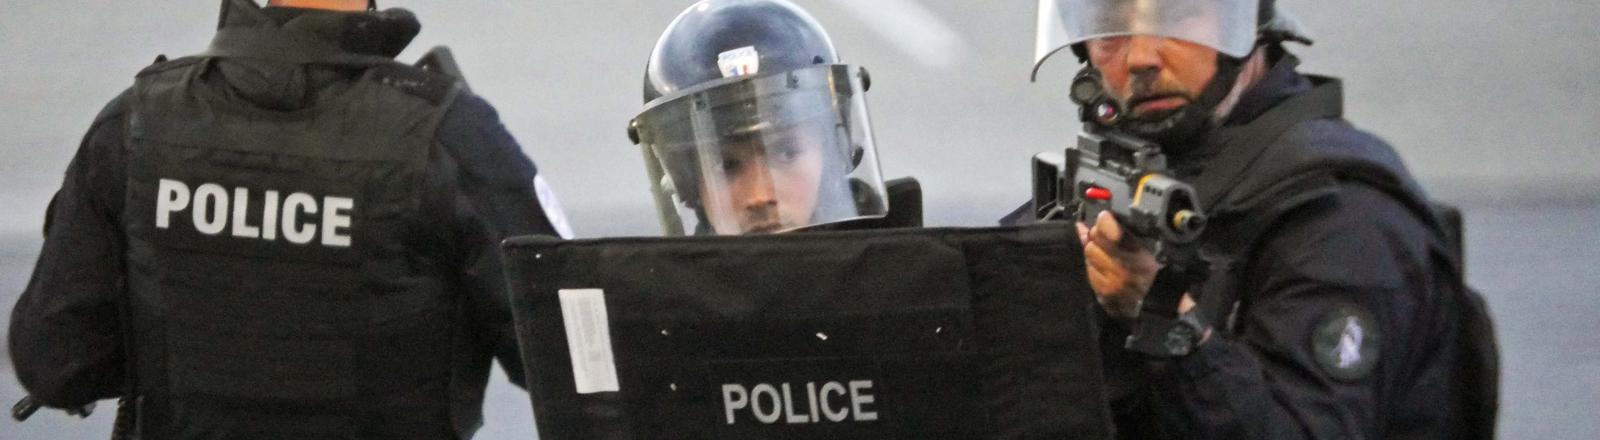 Polizisten bei einer Antiterrorübung in Frankreich